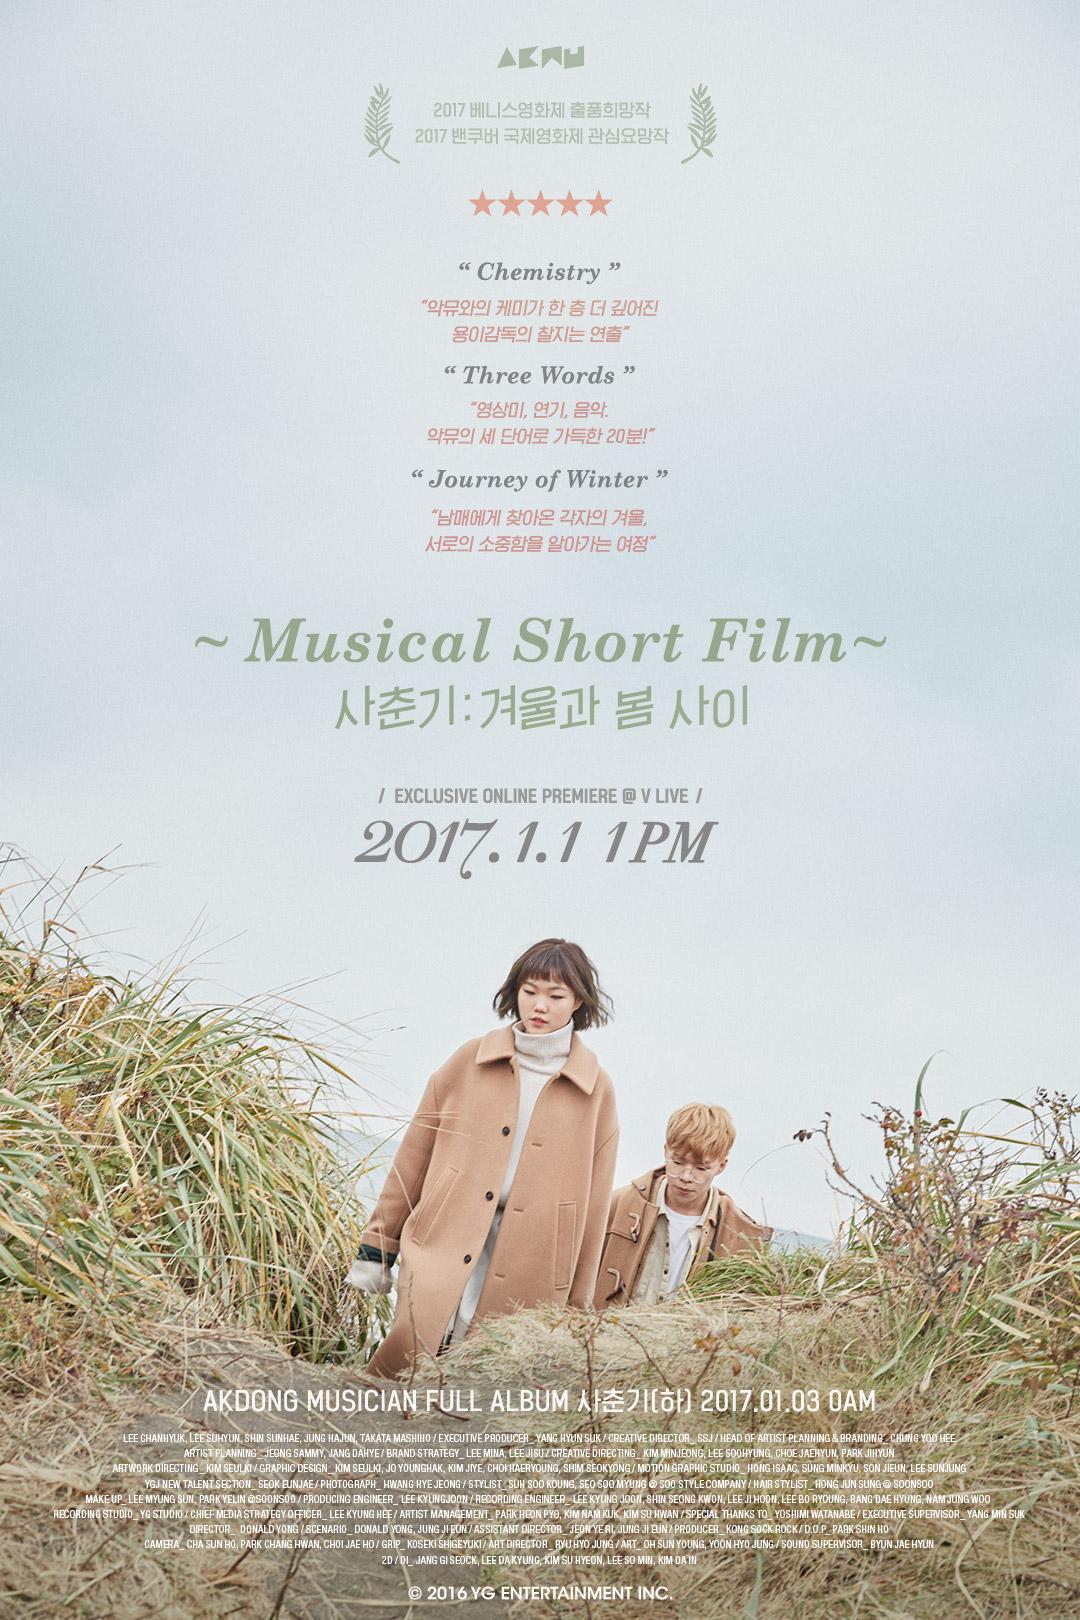 Akdong Musician musical short film